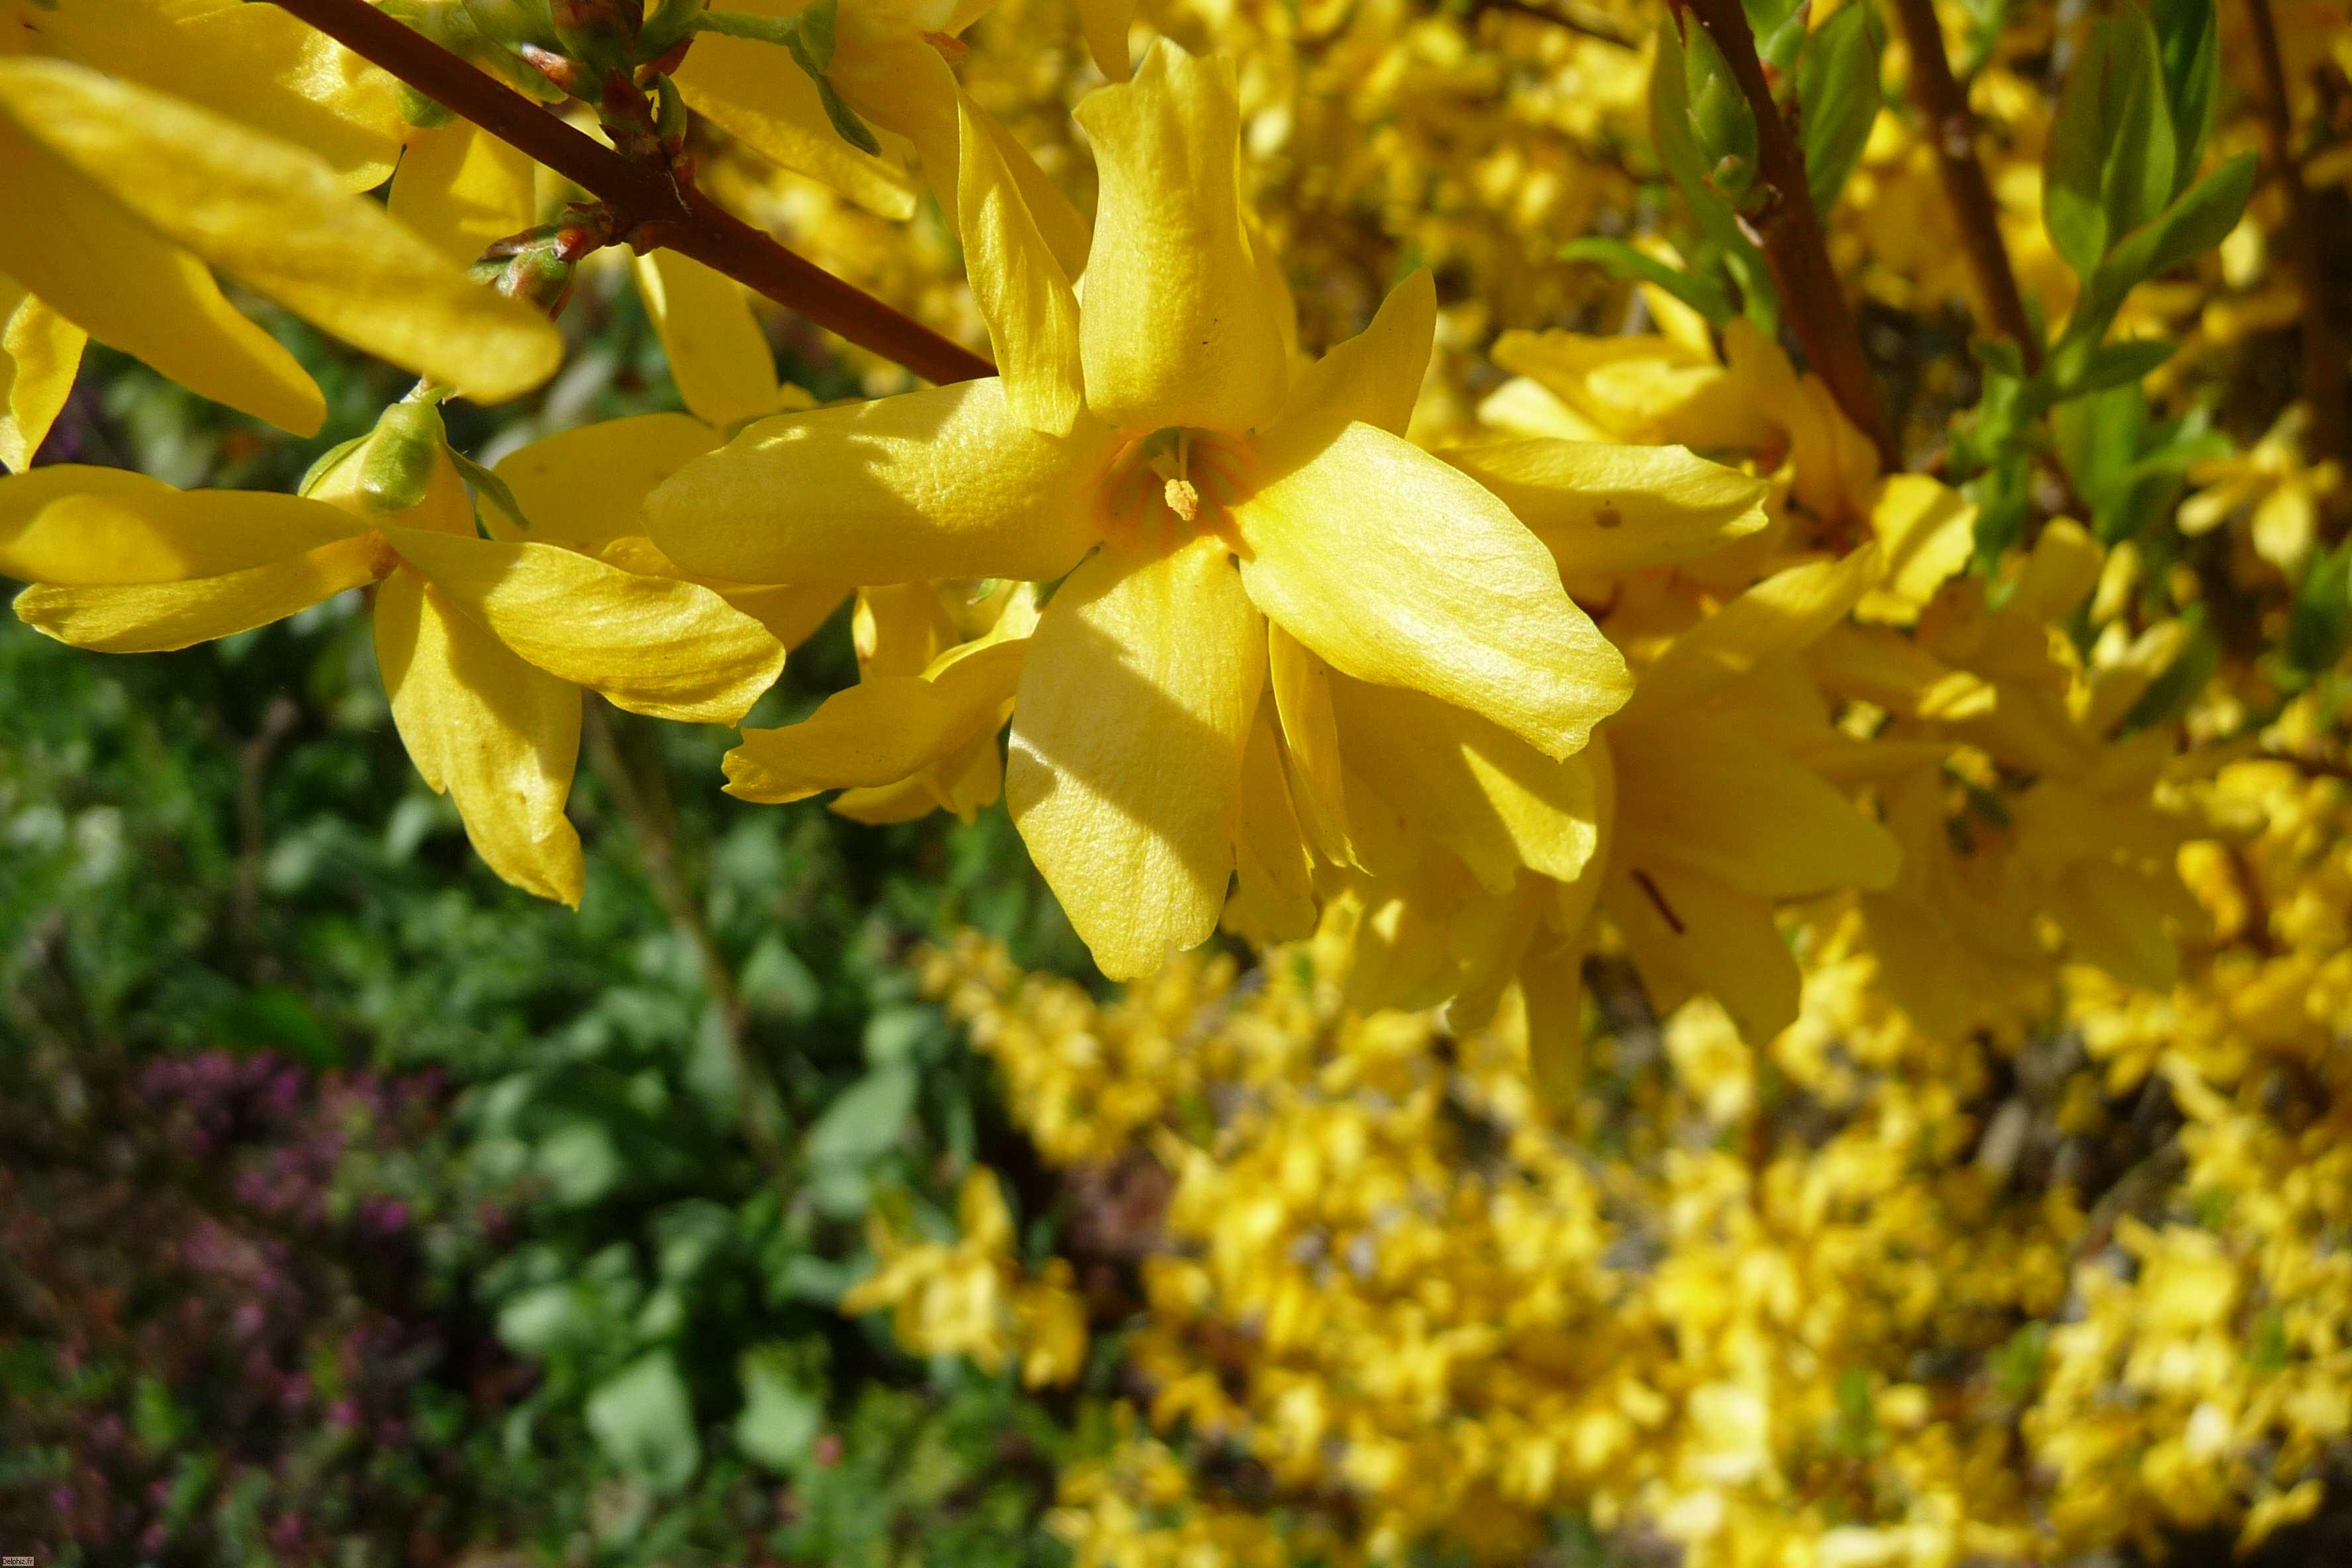 Nom fleurs jaunes de près description fleurs jaunes en mode